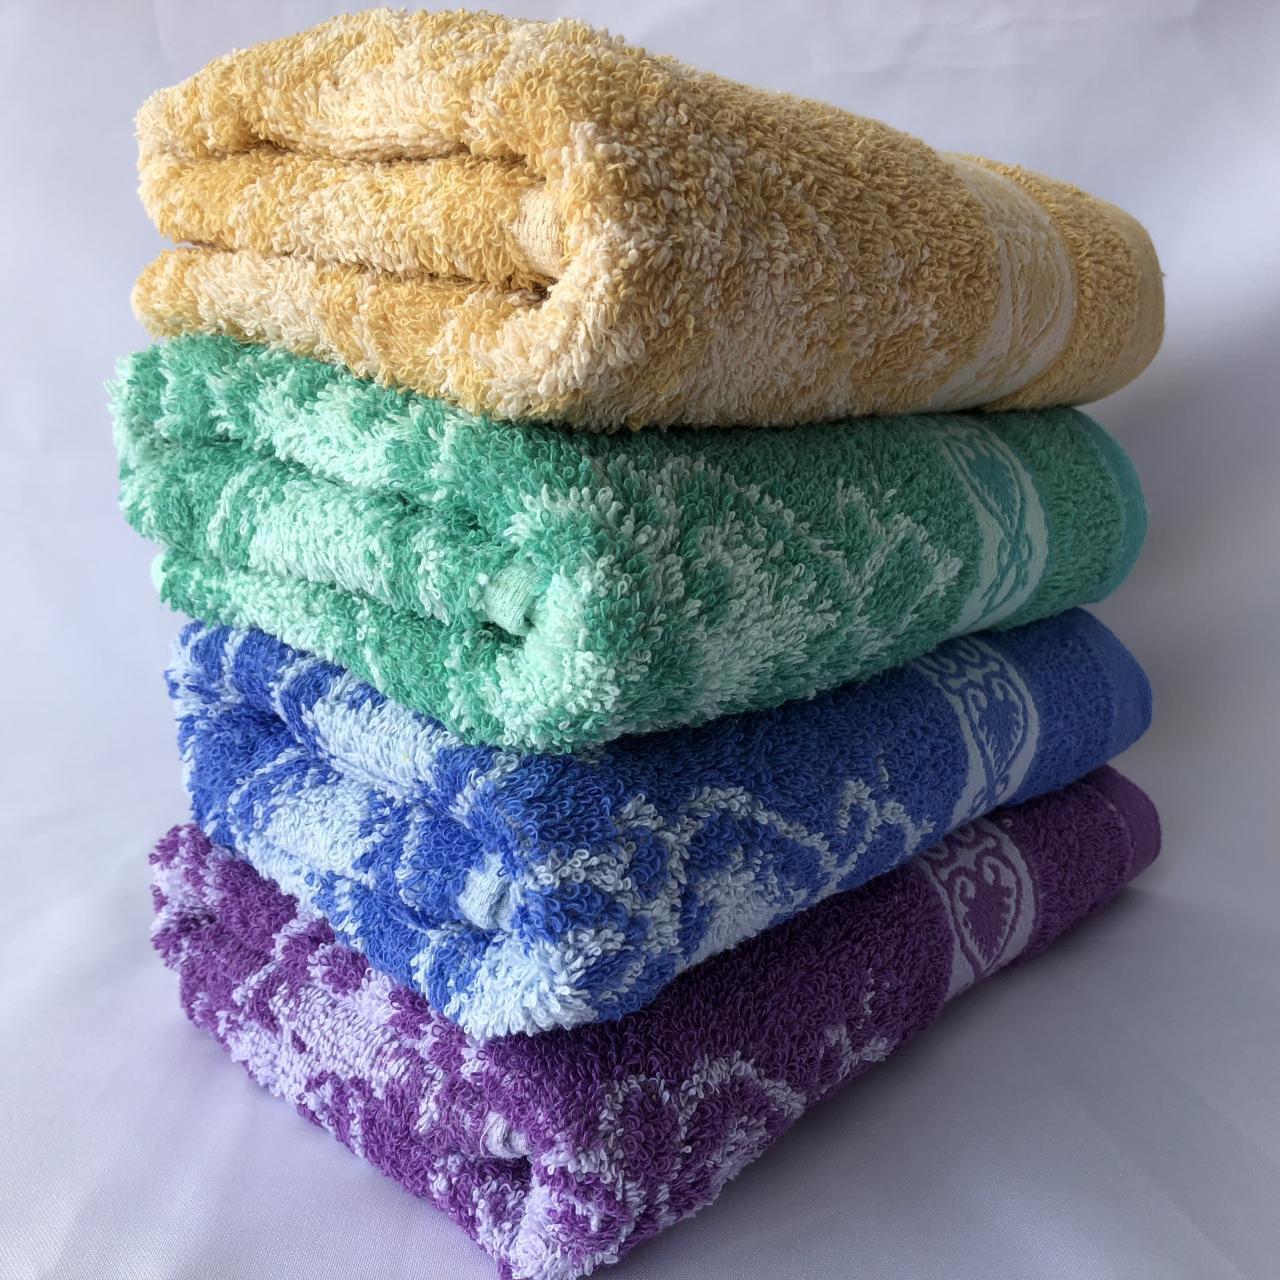 БАННОЕ махровое полотенце. Качество. Махровые полотенца оптом 92-1